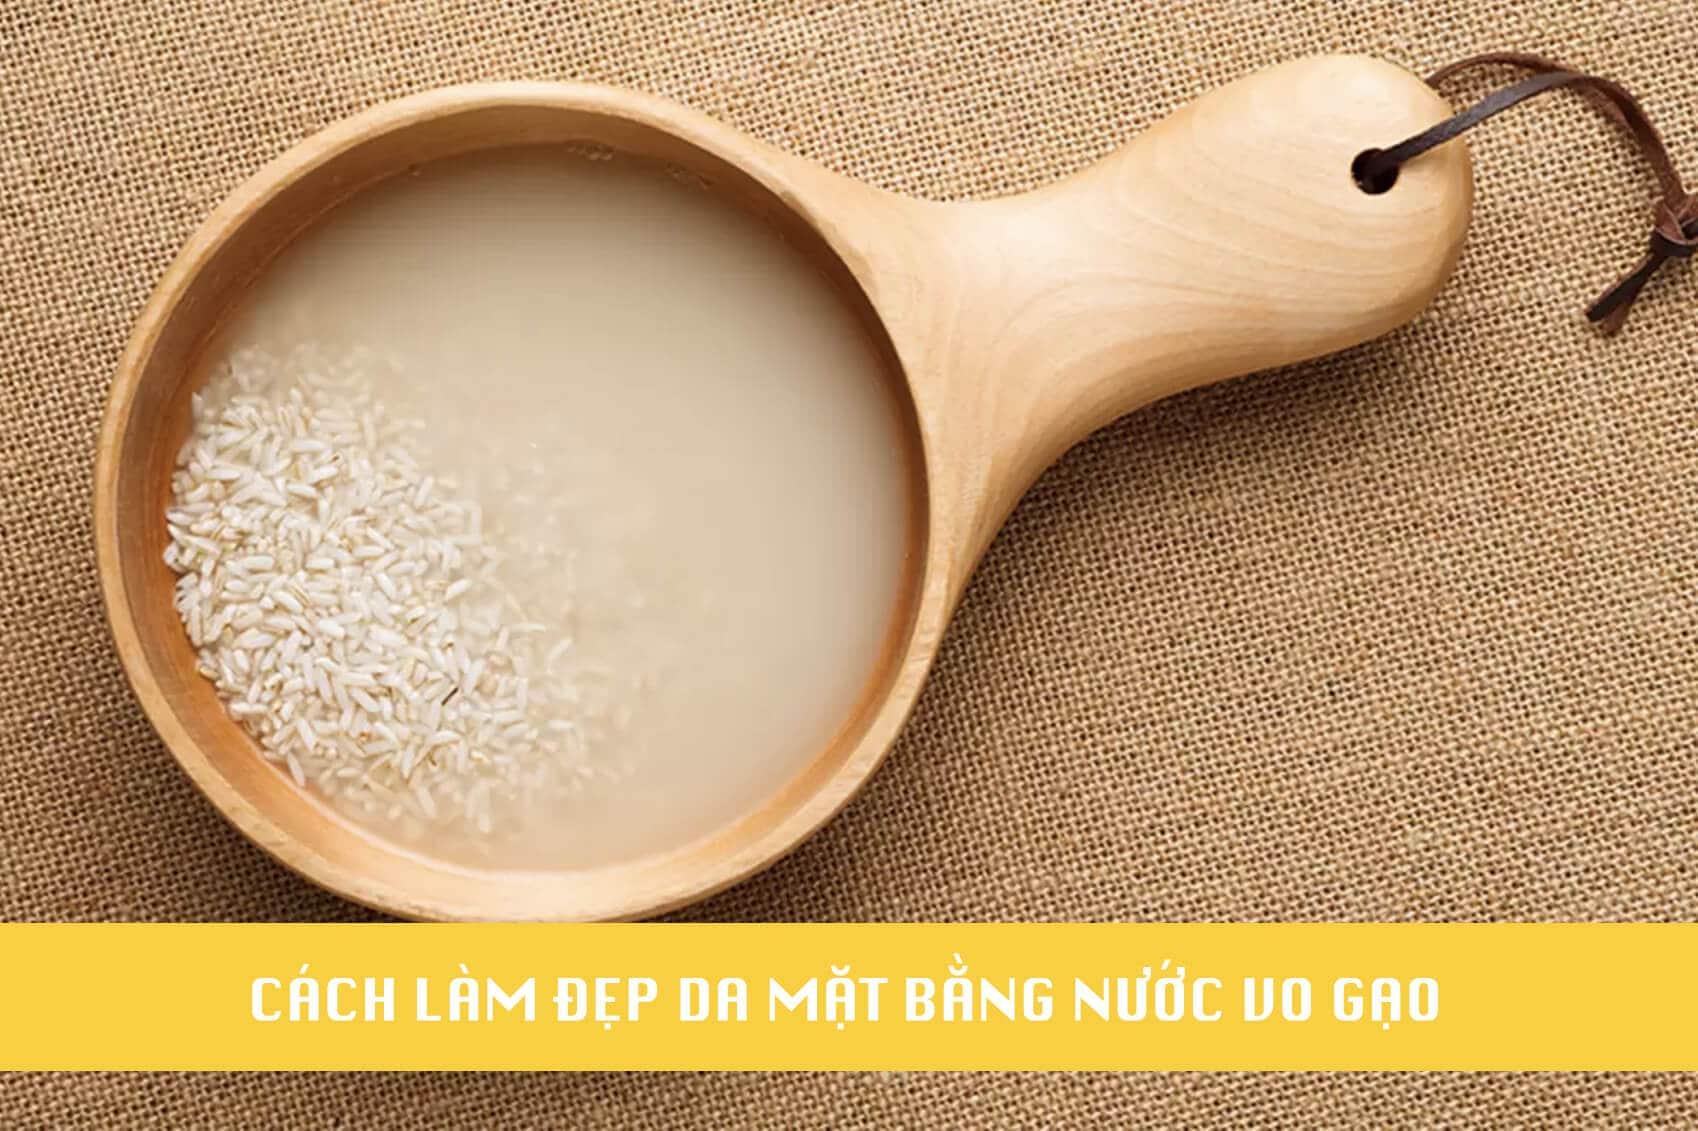 cách làm đẹp da mặt bằng nước vo gạo